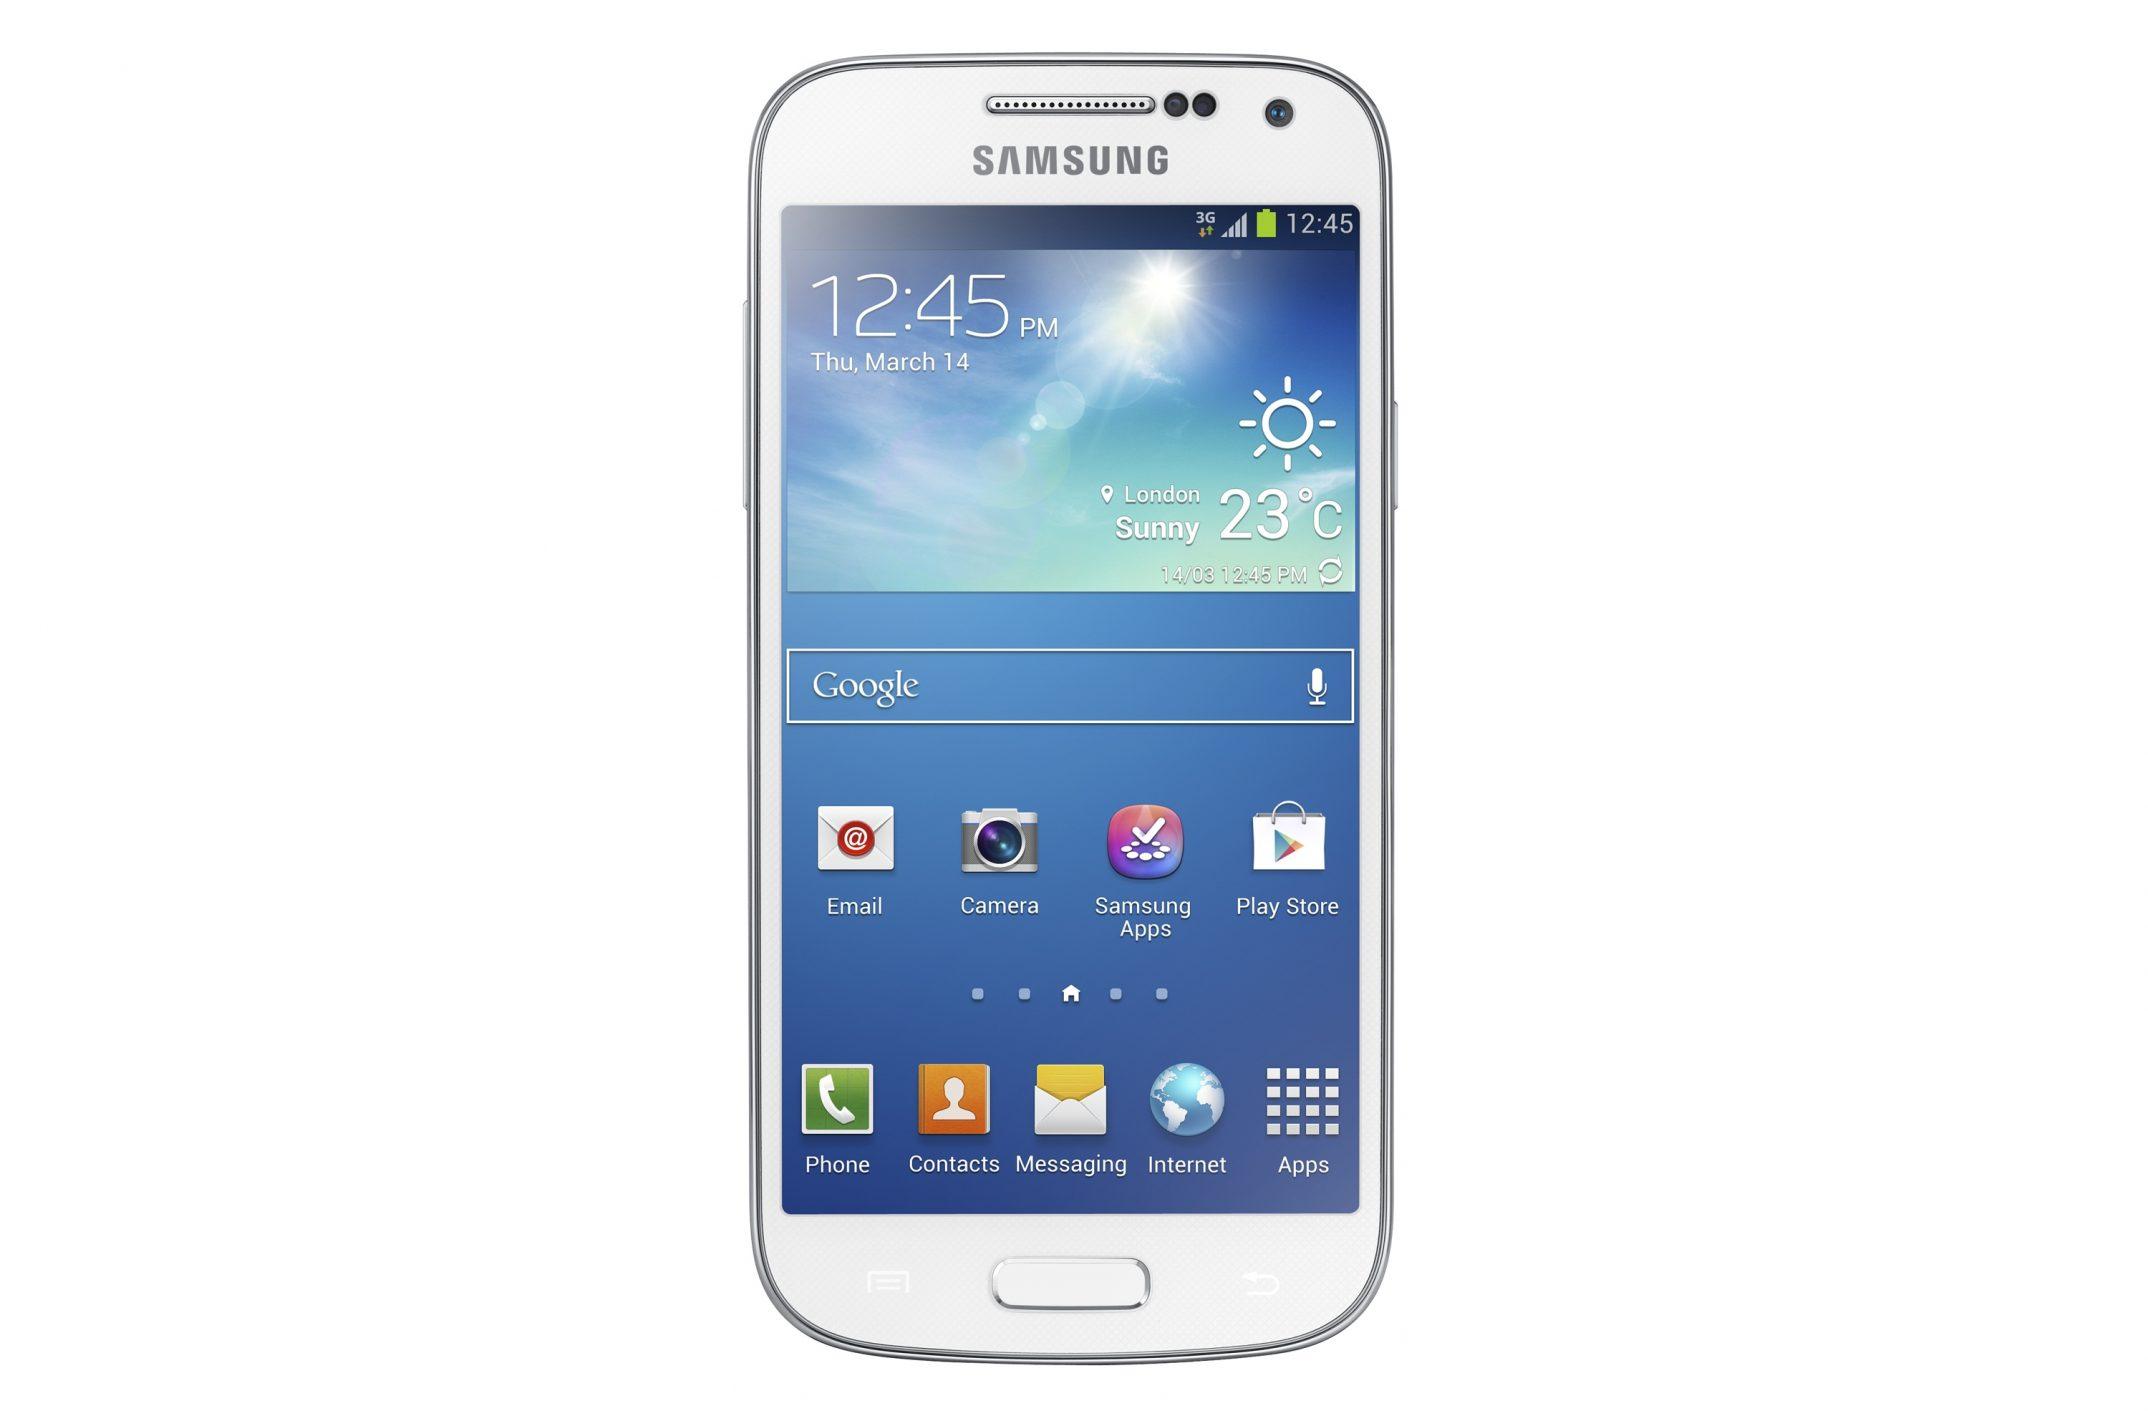 Samsung galaxy s4 mini, est-il fiable ?